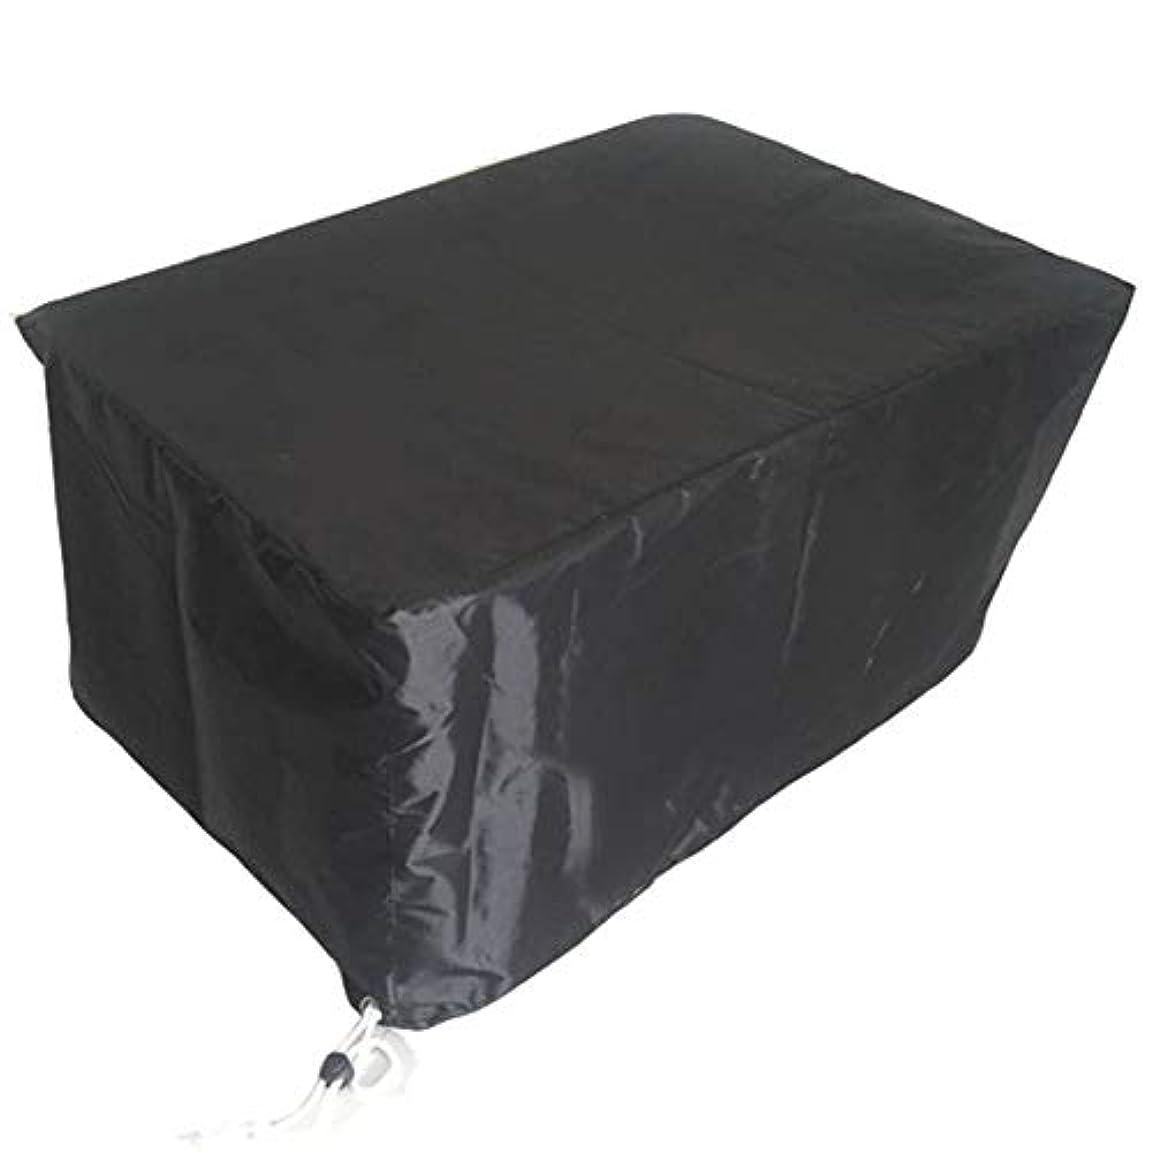 確保する対応する初期ダストカバー - ガーデンラタン家具セット防水日除けテーブルと椅子屋外ガーデンライトPVC +ポリエステル(12サイズ) 分離ダスト (色 : ブラック, サイズ さいず : 308x138x98cm)